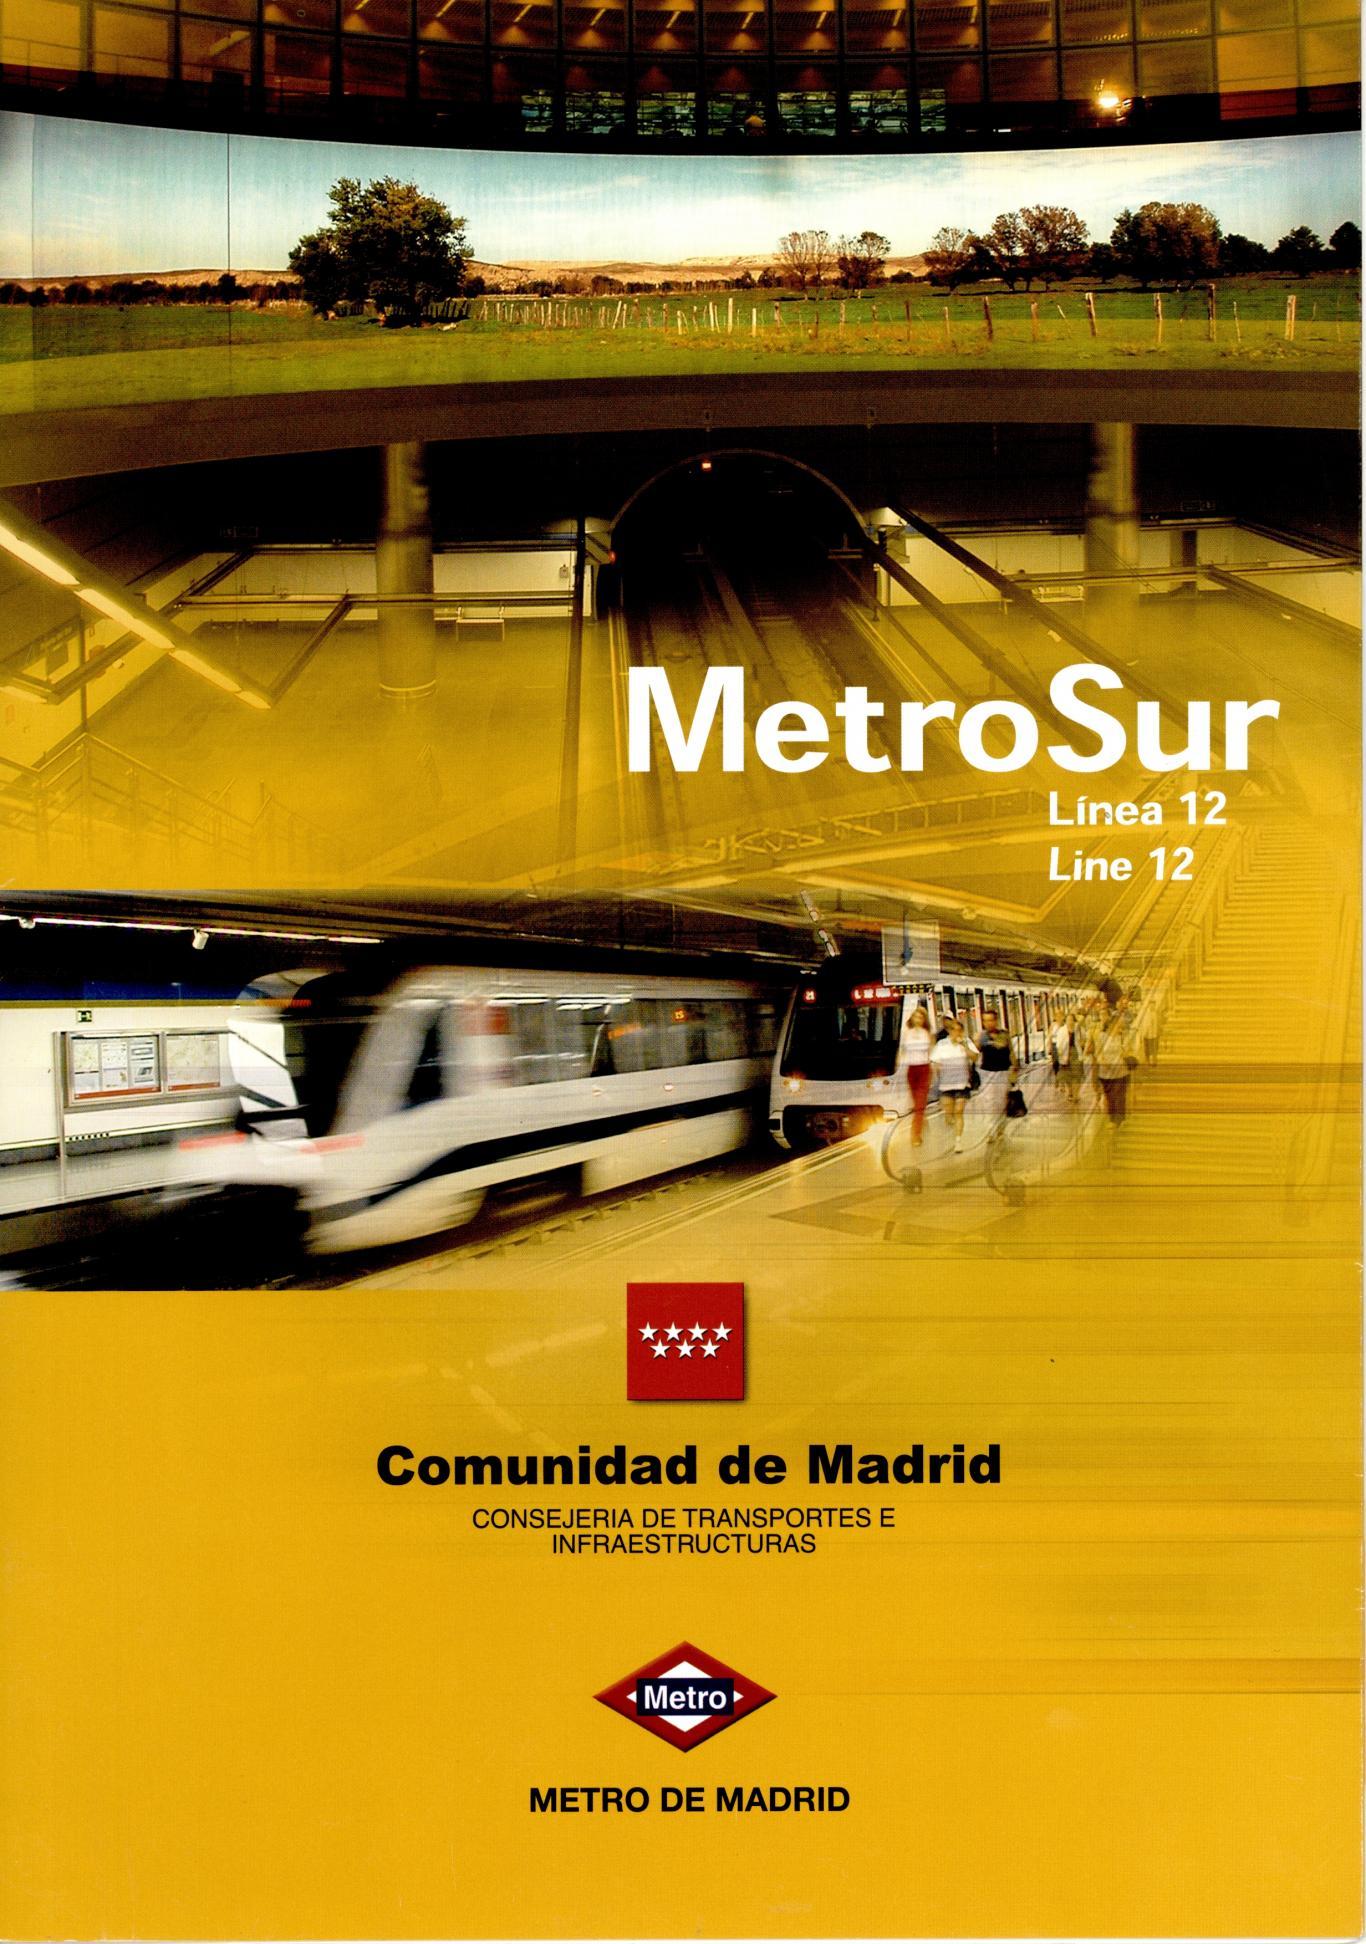 Portada folleto Metrosur Línea 12